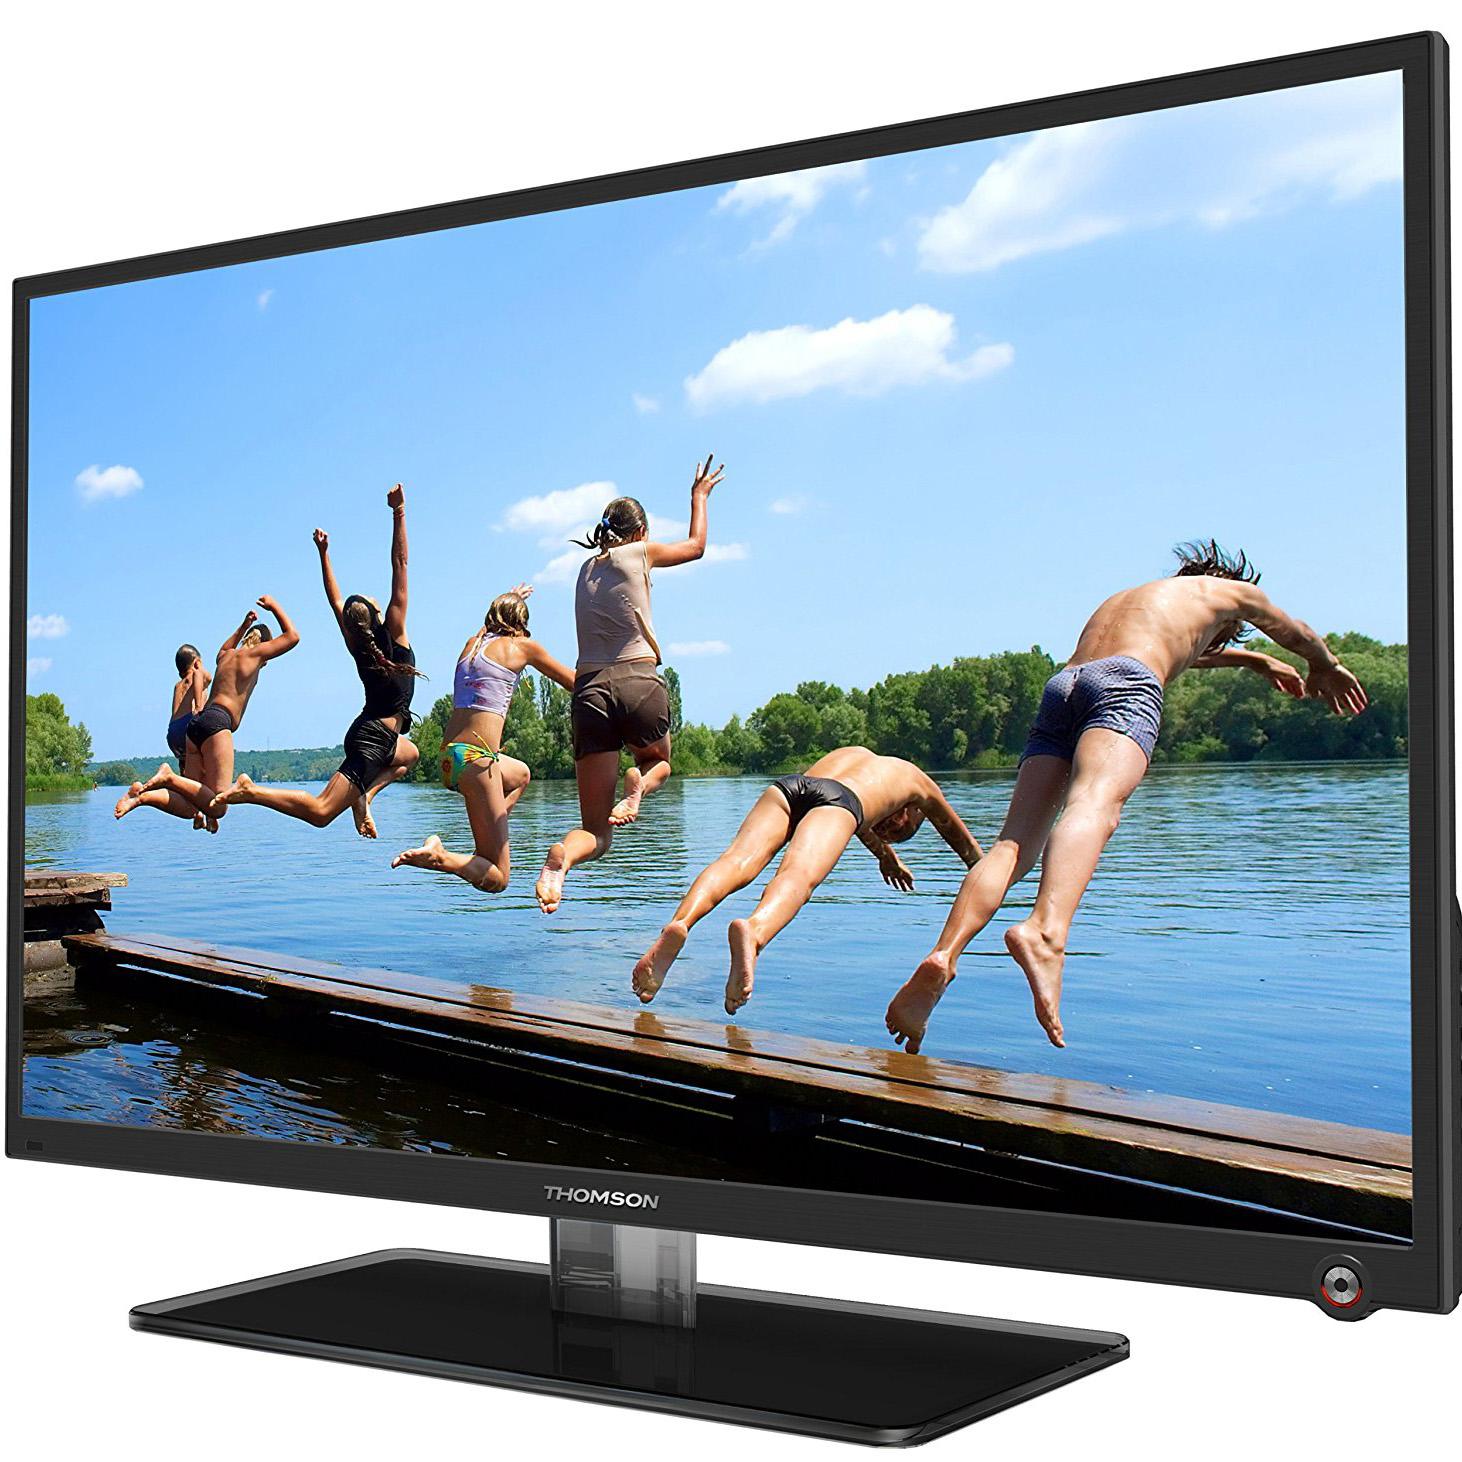 Thomson 32HU5253 TV